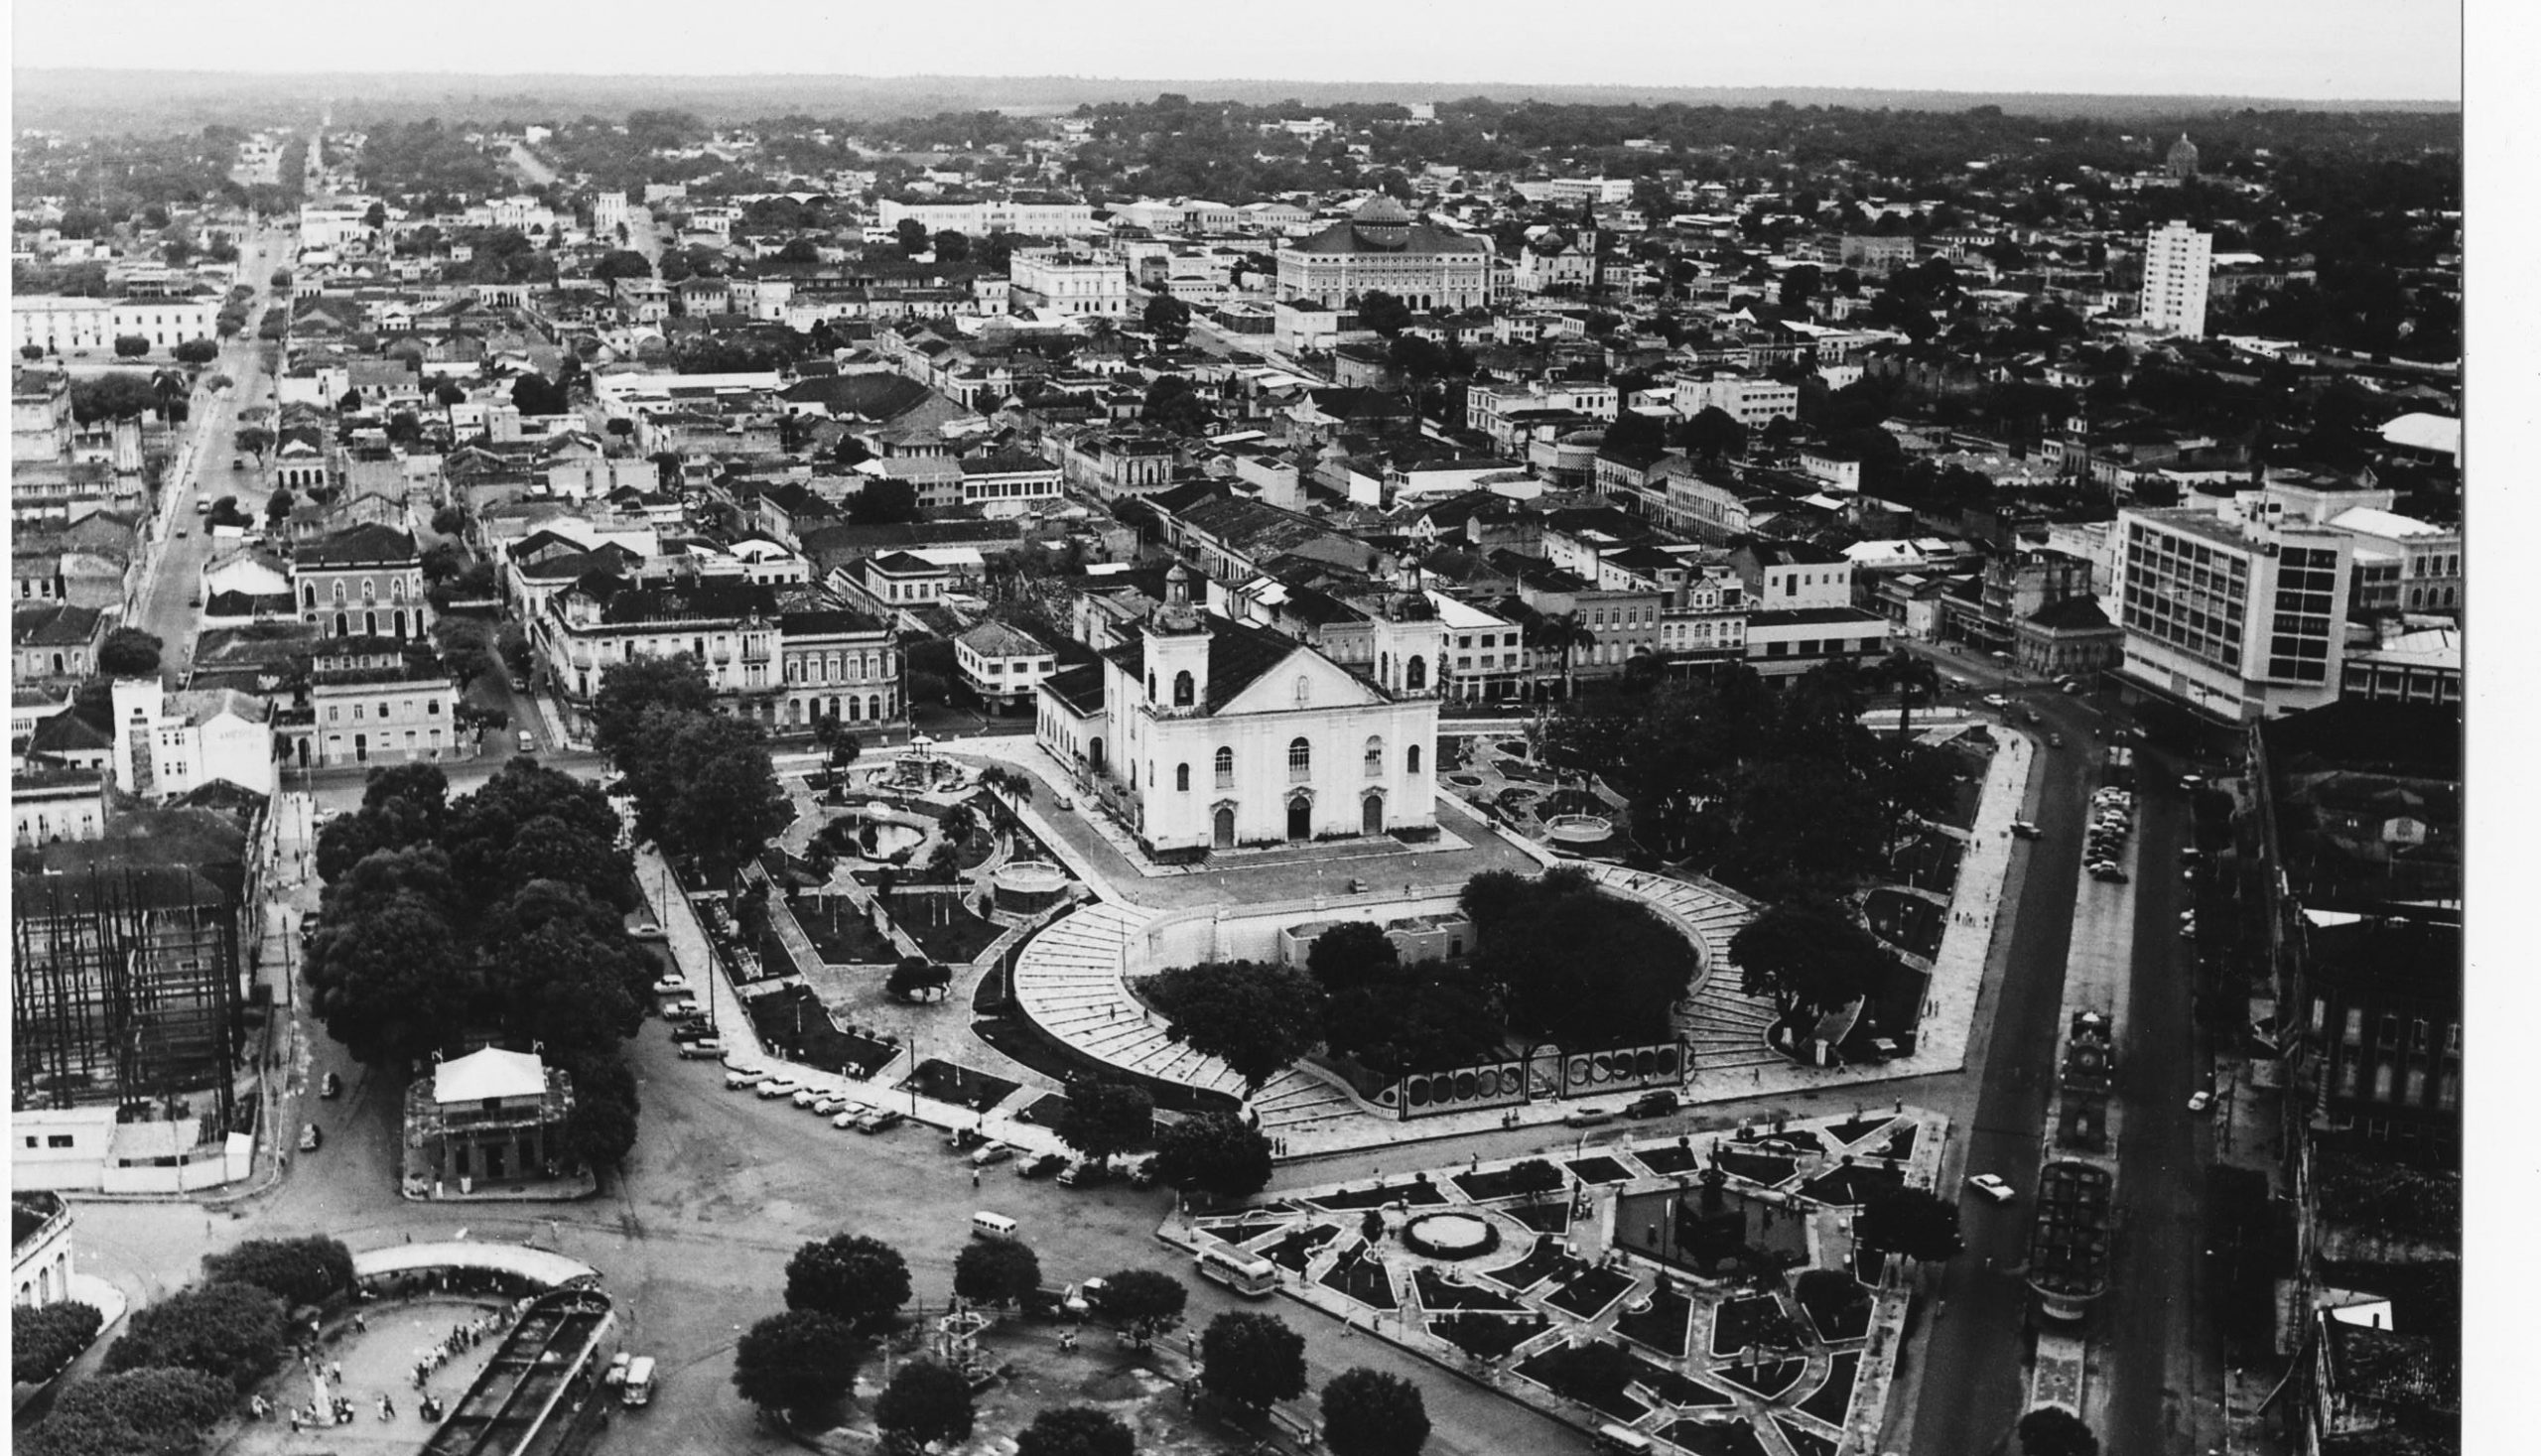 Vista aérea do Parque da Matriz sem o gradil